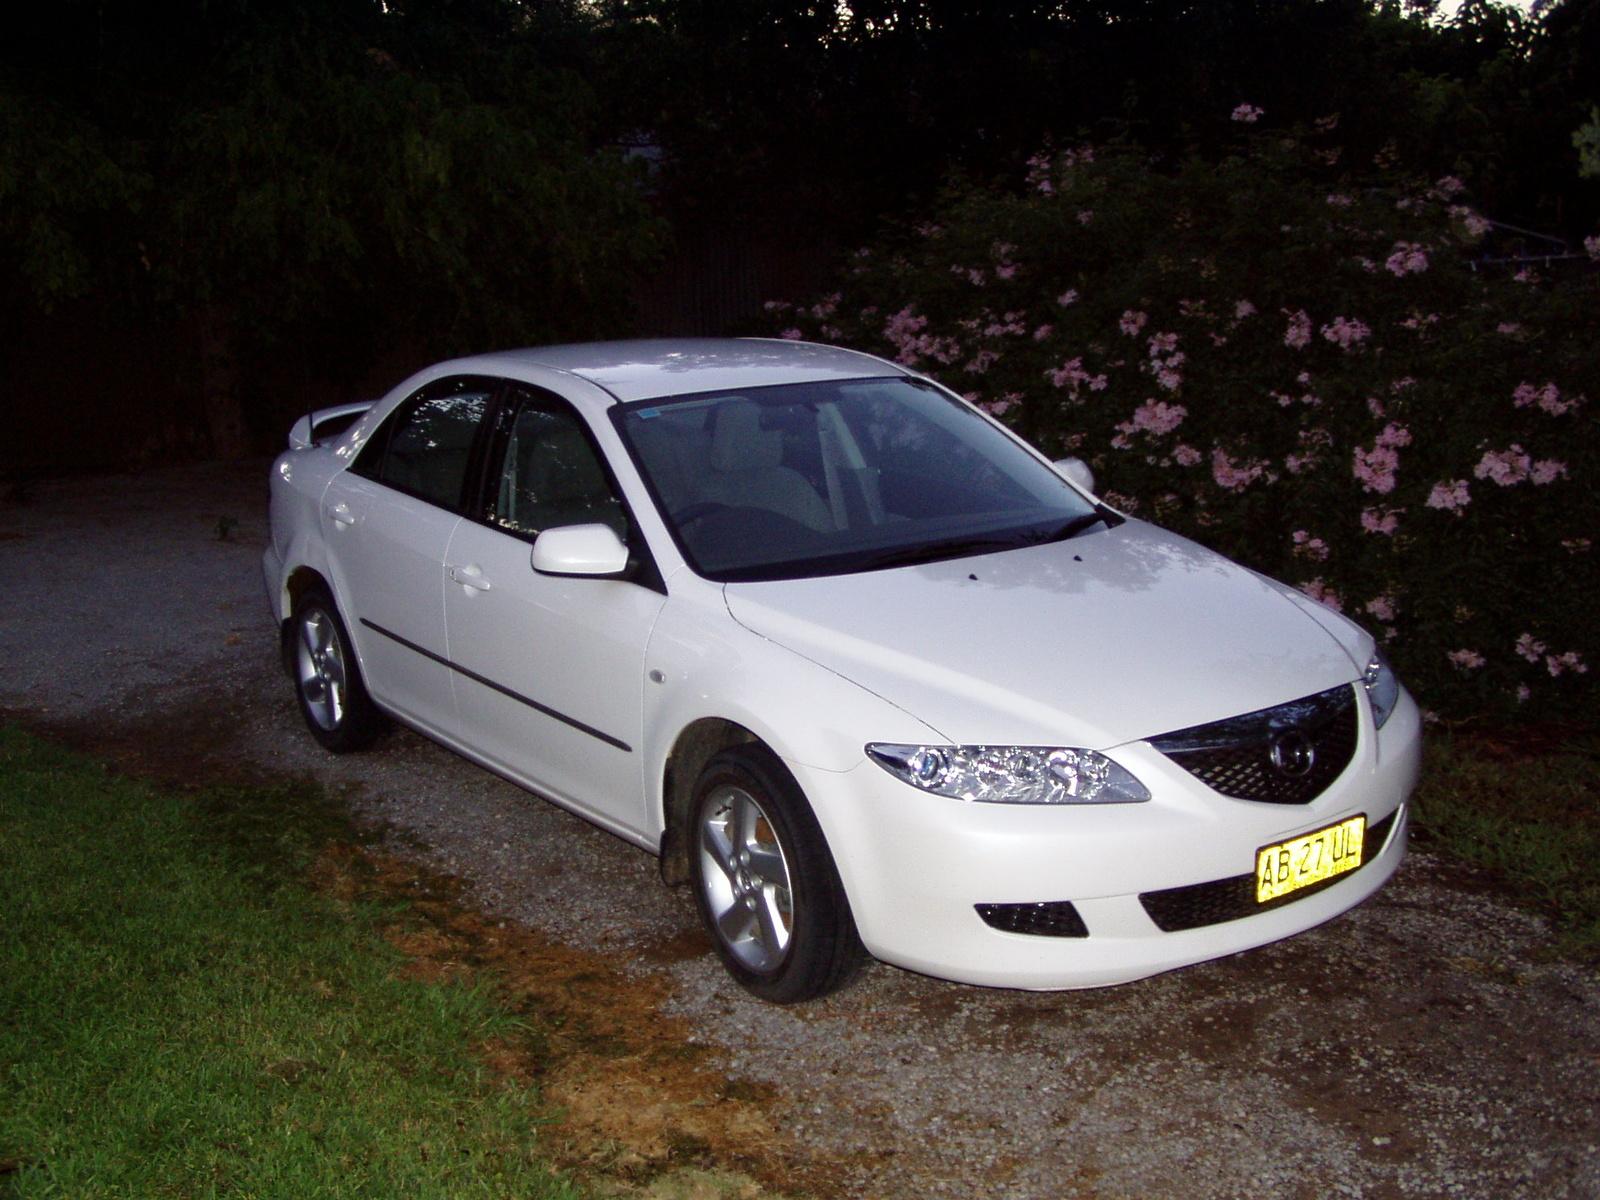 2005 Mazda Mazda6 4 Dr I Sport Sedan Pic 1996330061662050981